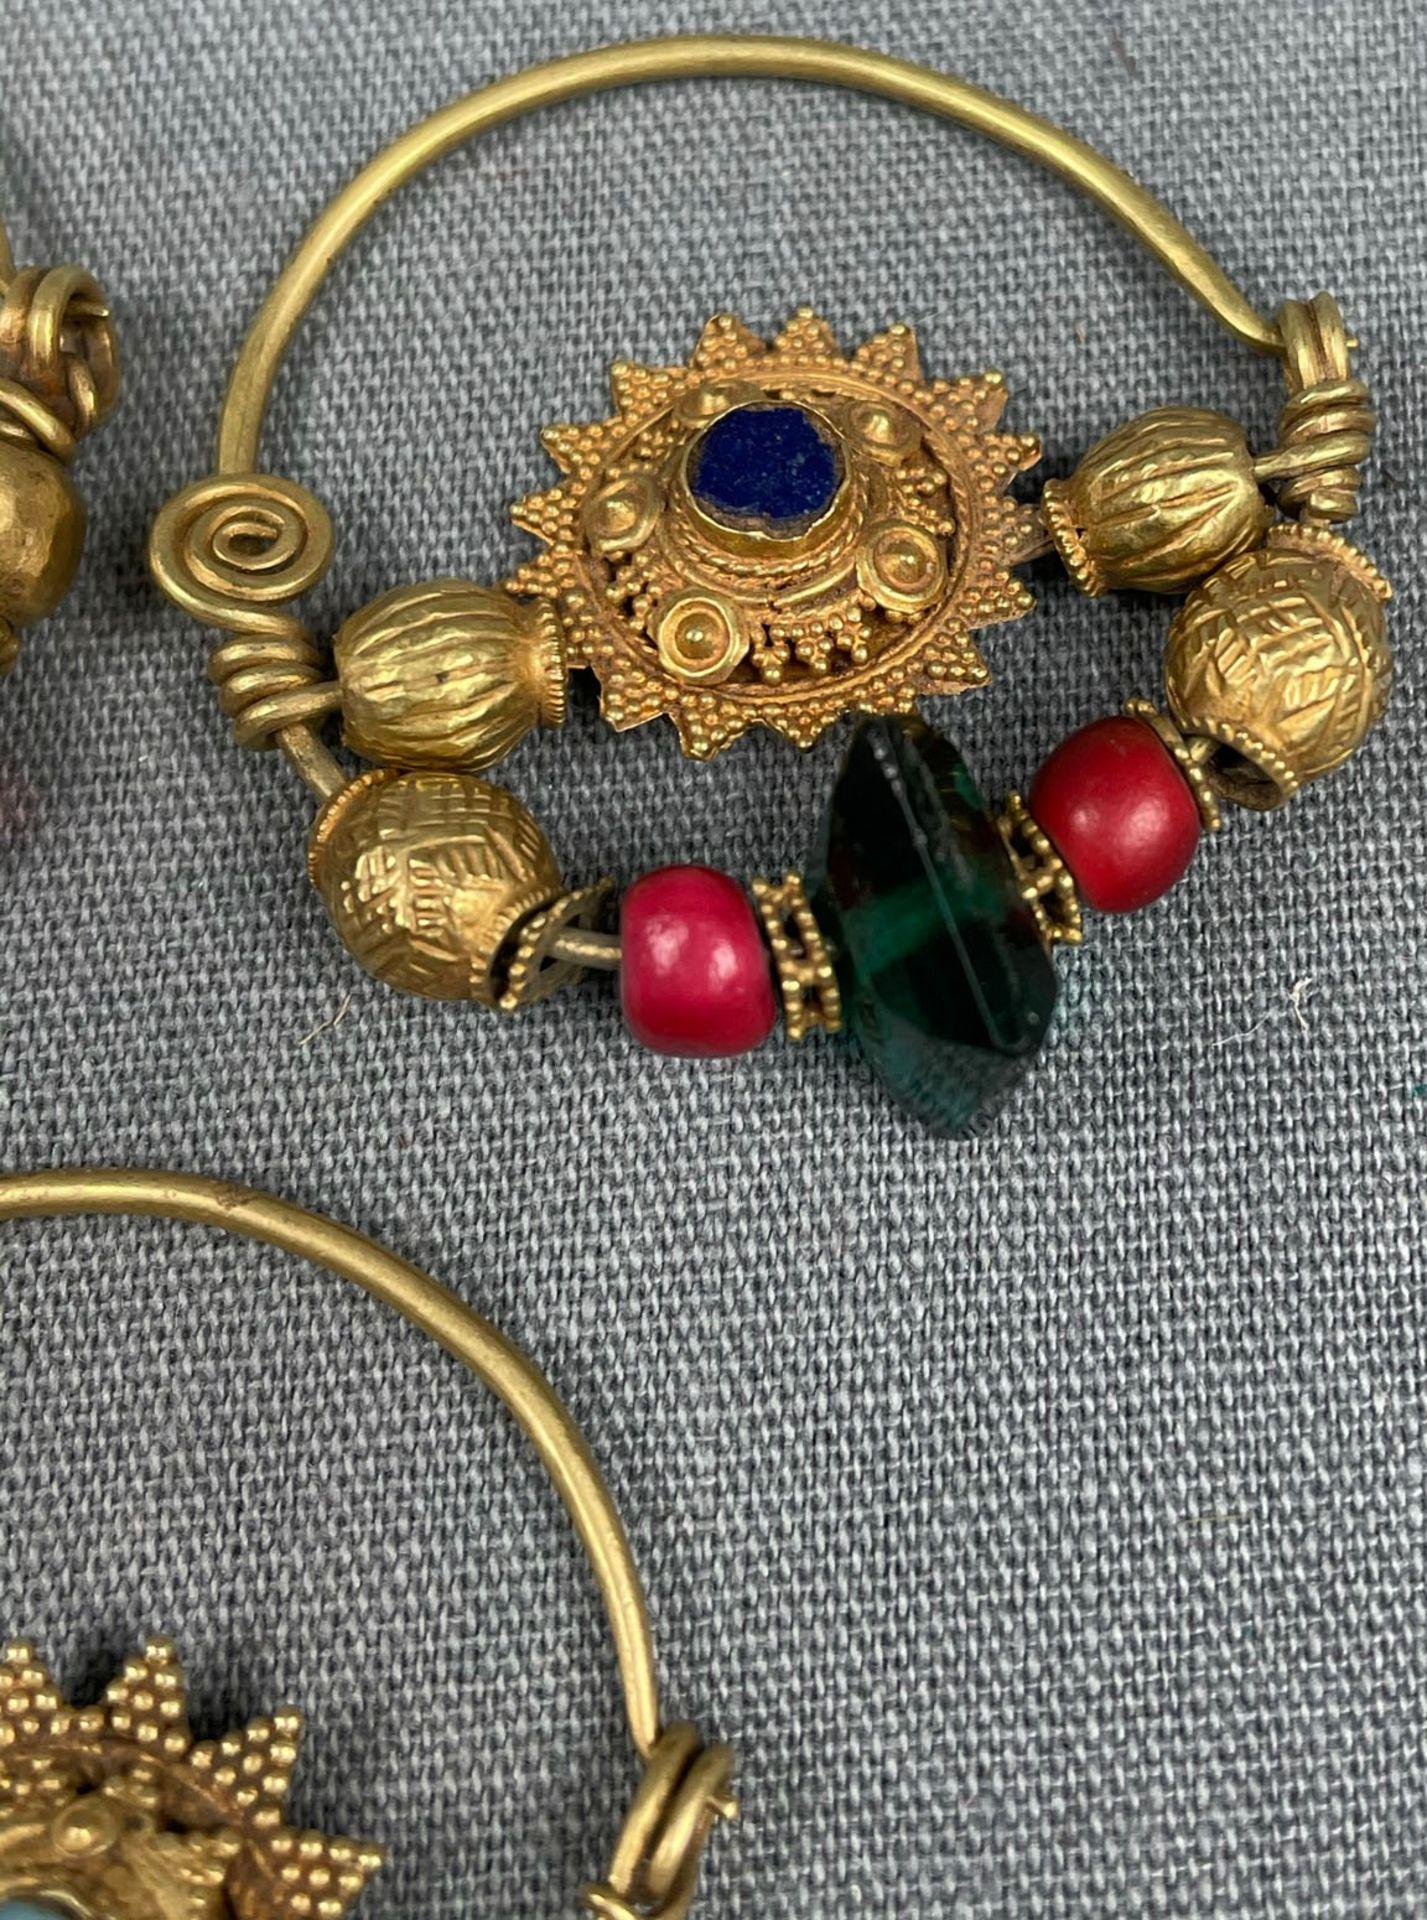 3 Anhänger, Ohrschmuck? Wohl Mogul Indien antik. Gold. - Image 7 of 10